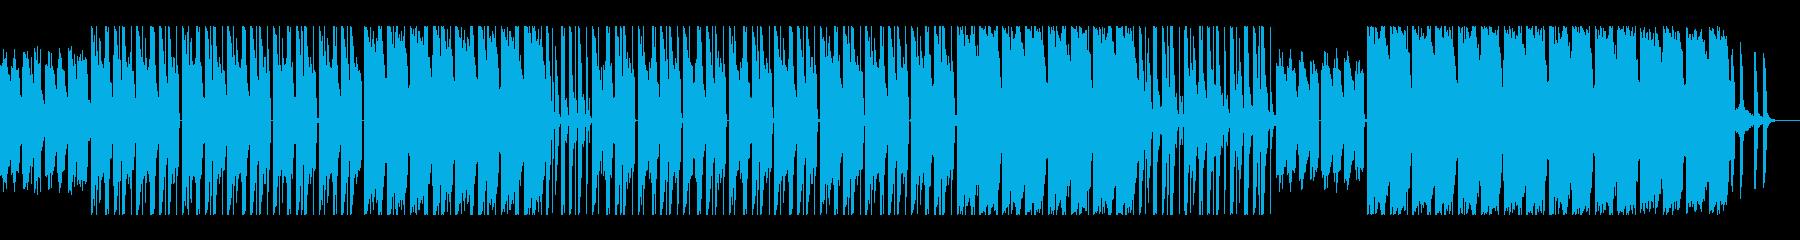 Hiphop/Electronicaの再生済みの波形